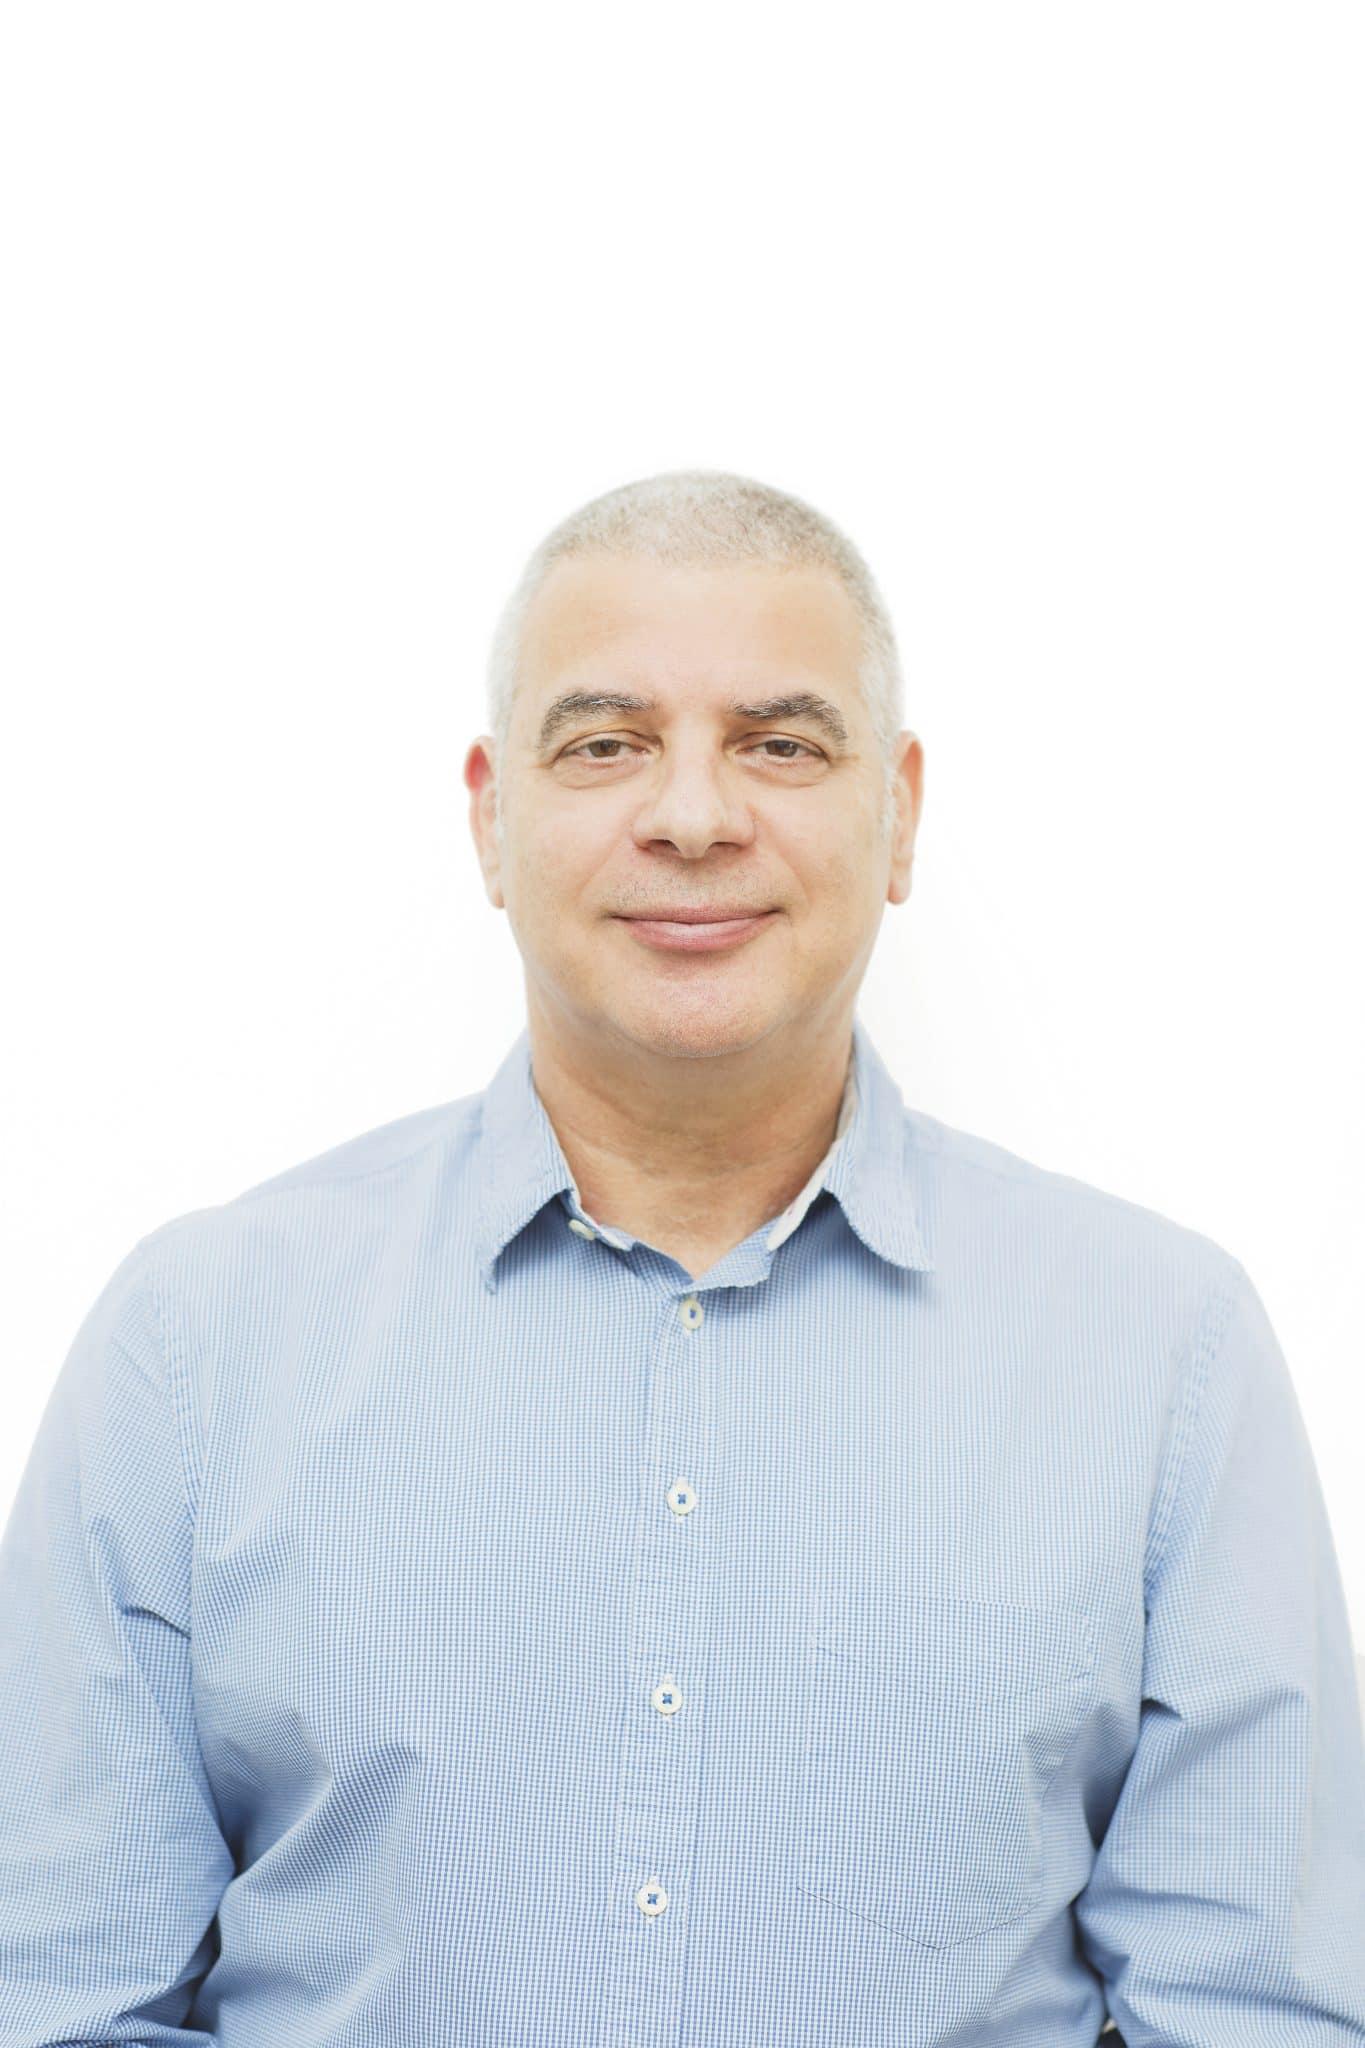 Mike Polatsek CybeReady